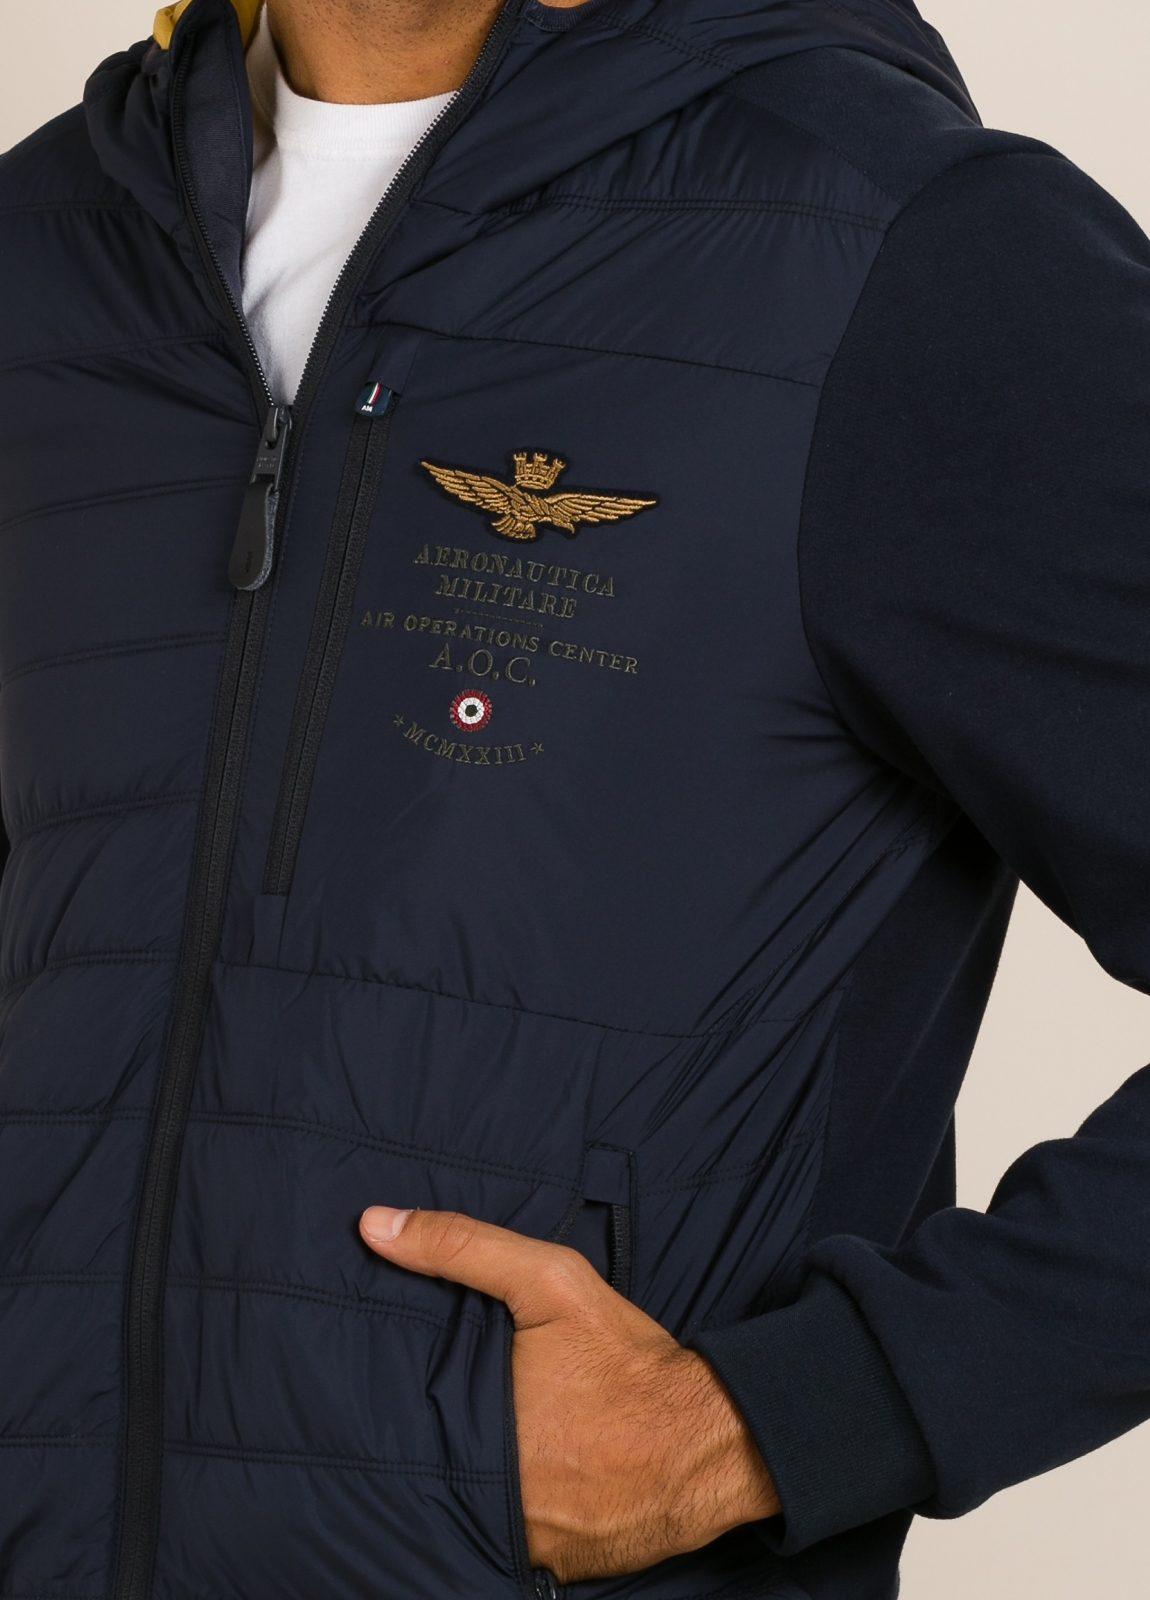 Cazadora con capucha AERONAUTICA MILITARE azul marino - Ítem2